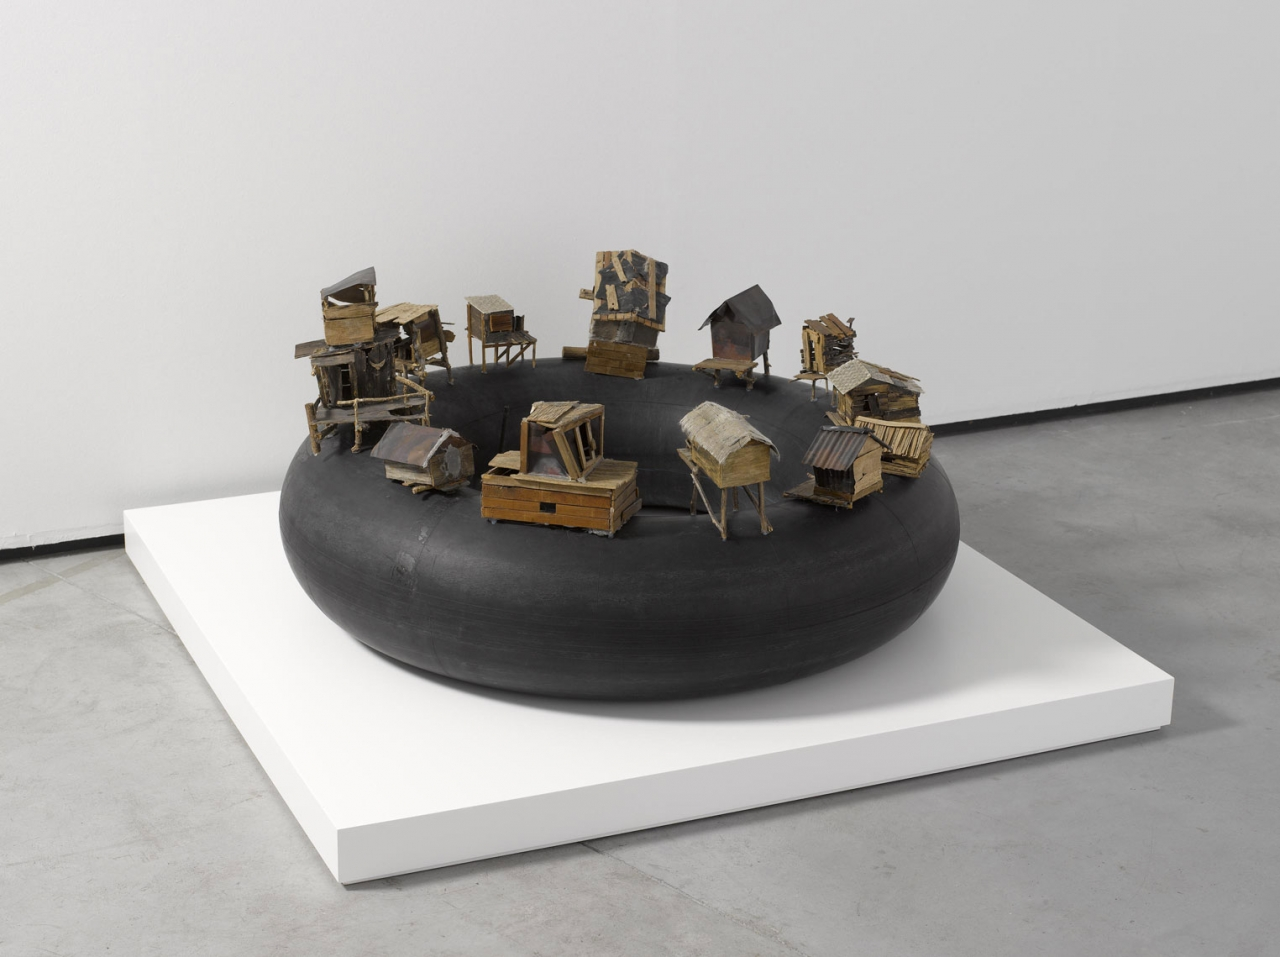 Kcho, Al borde del abismo, 2004. Es Baluard Museu d'Art Modern i Contemporani de Palma. © fotografía David Bonet